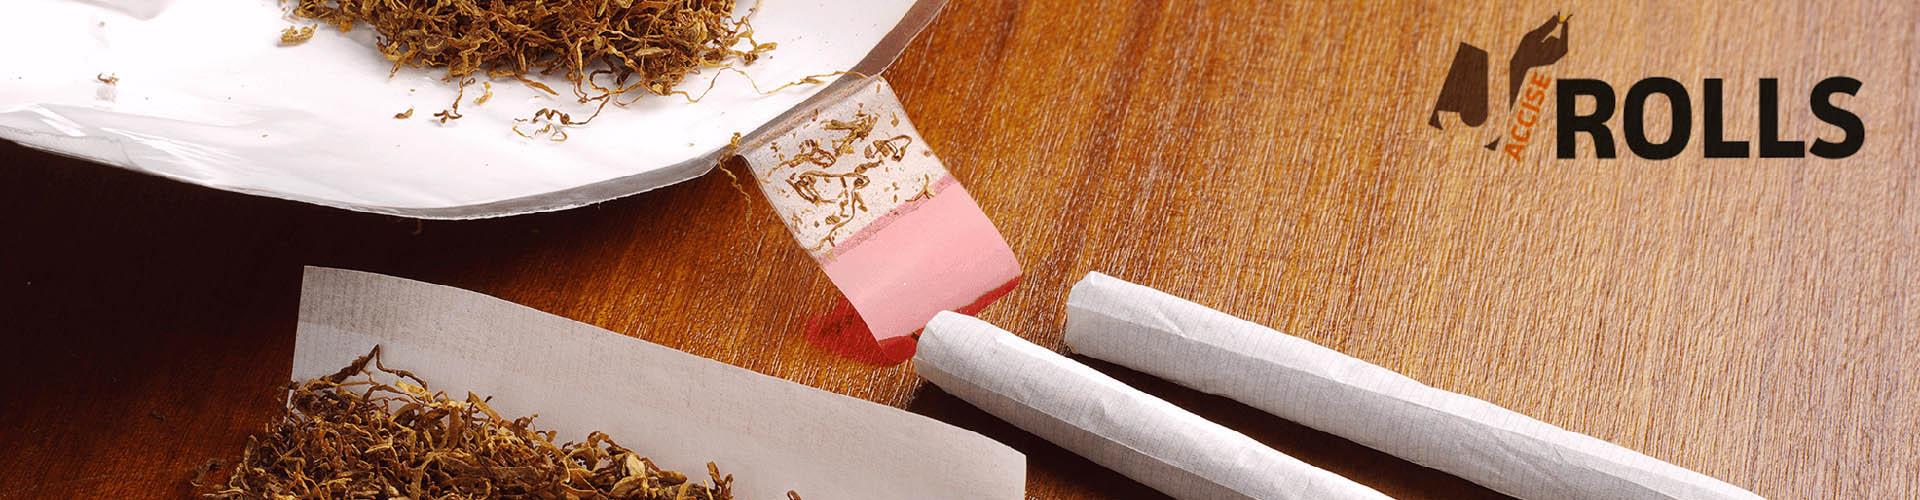 J-accise rolls - software gestionale per la telematizzazione delle accise di accesori per tabacchi